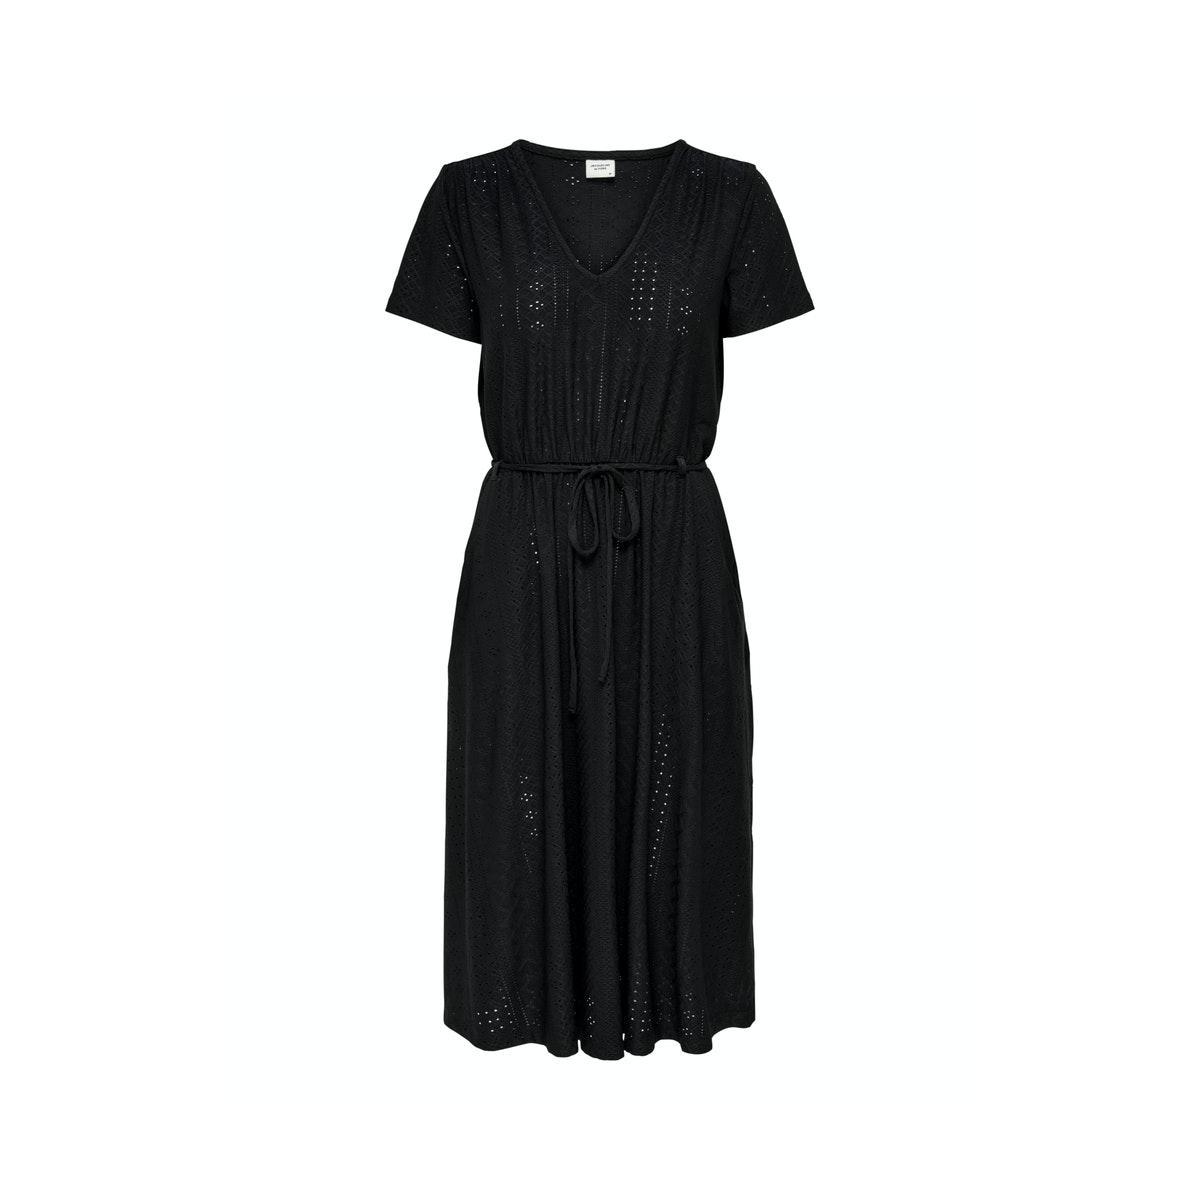 jdyfatinka s/s  v-neck belt dress jrs 15204467 jacqueline de yong jurk black